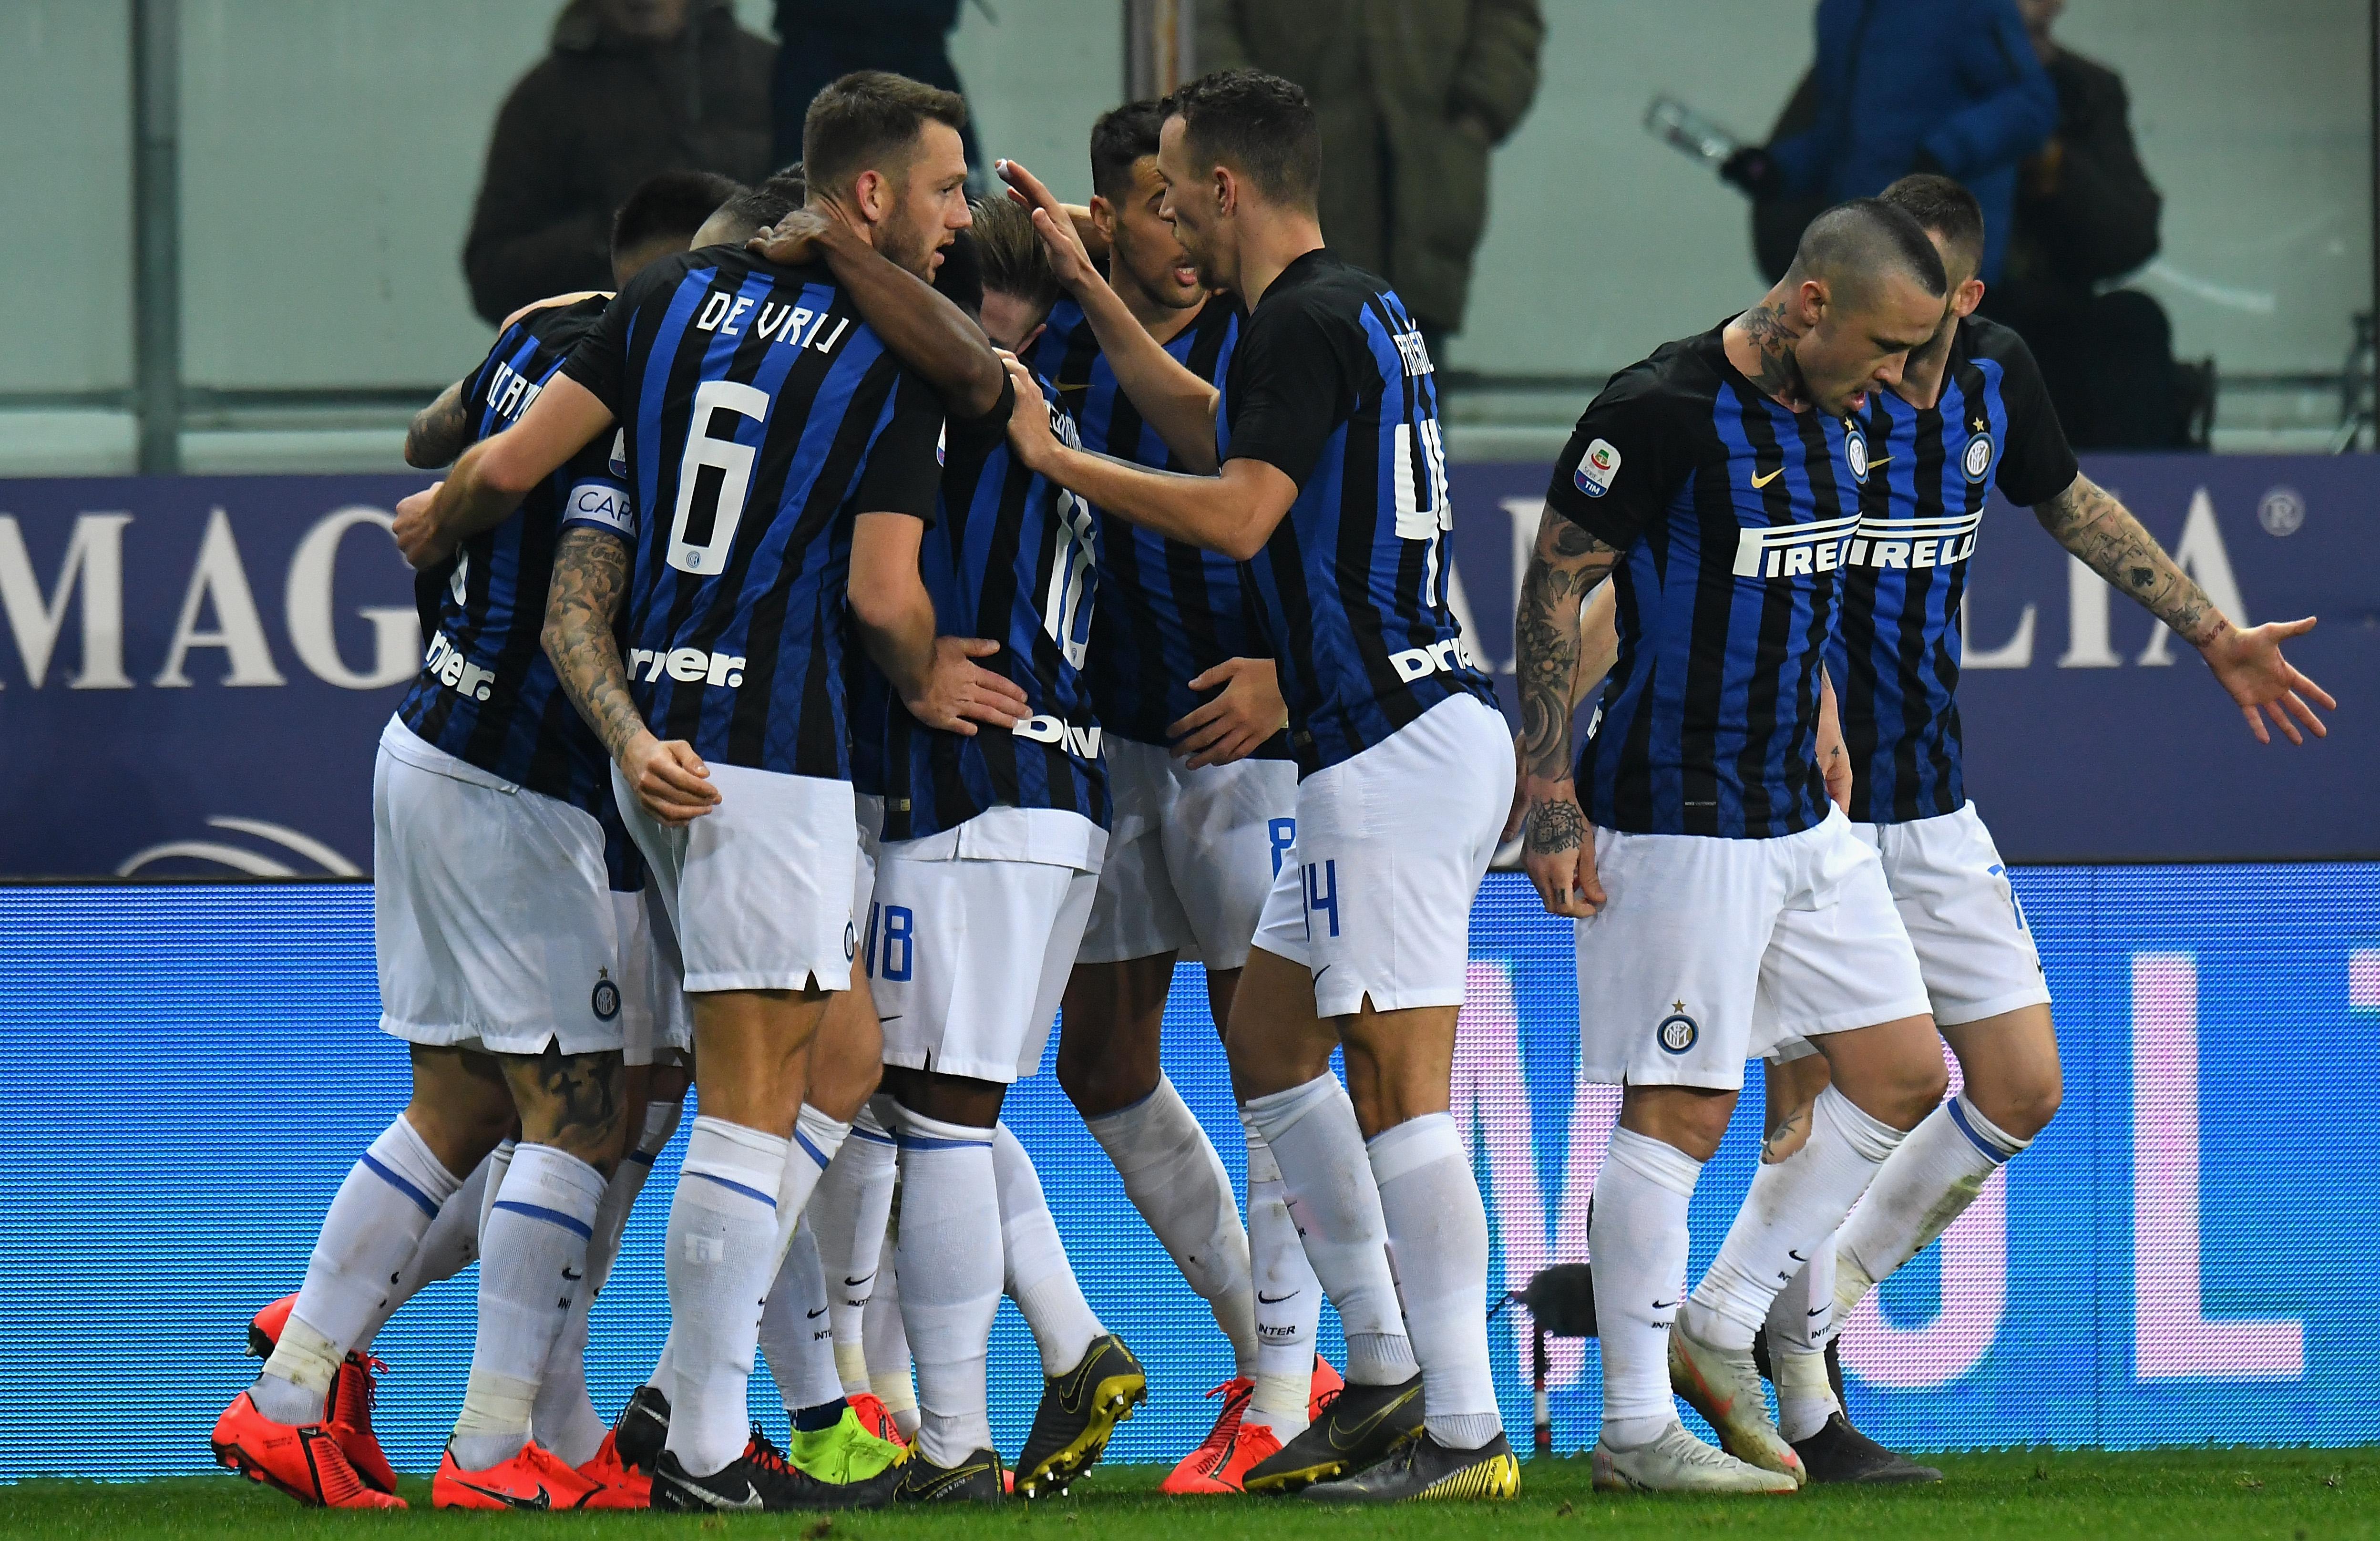 Parma Calcio v FC Internazionale - Serie A